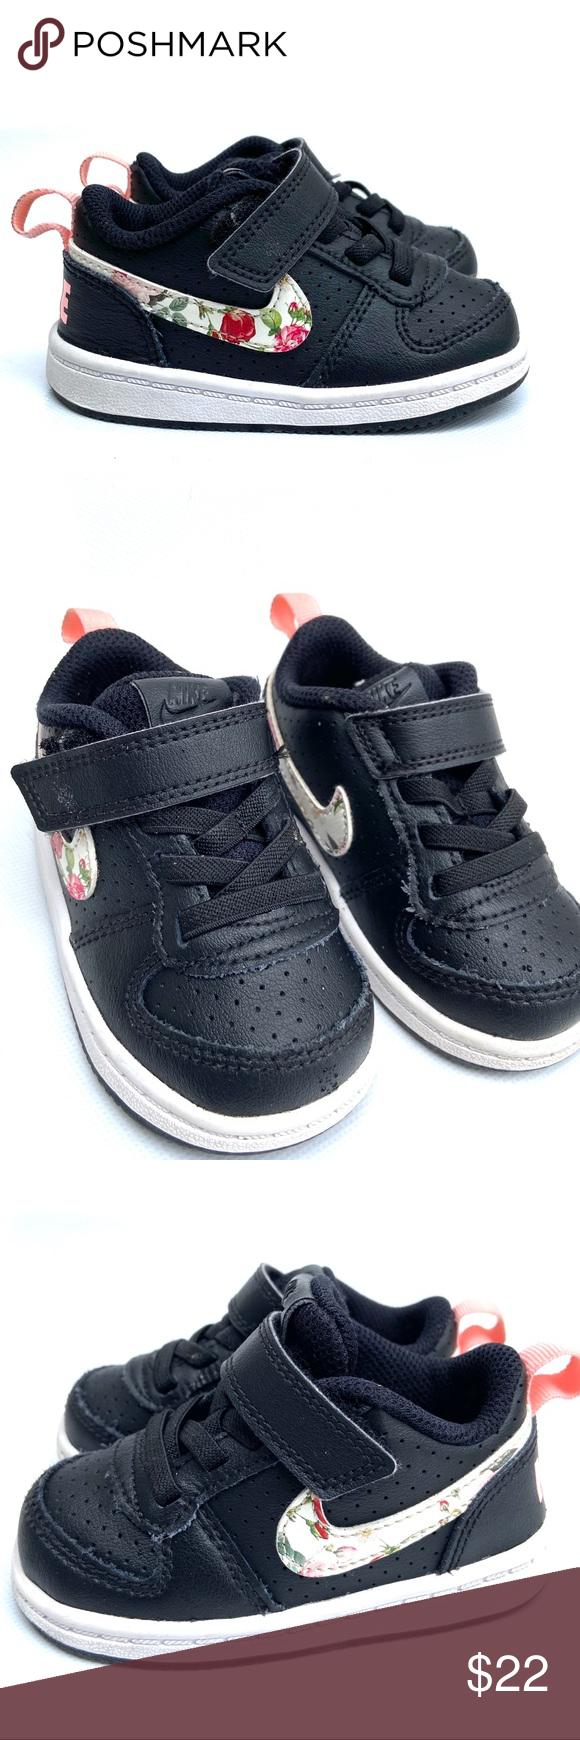 Misericordioso aprobar Tradicion  Nike Court Borough Low Vintage Floral Children's | Cute shoes, Black nikes,  Vintage floral